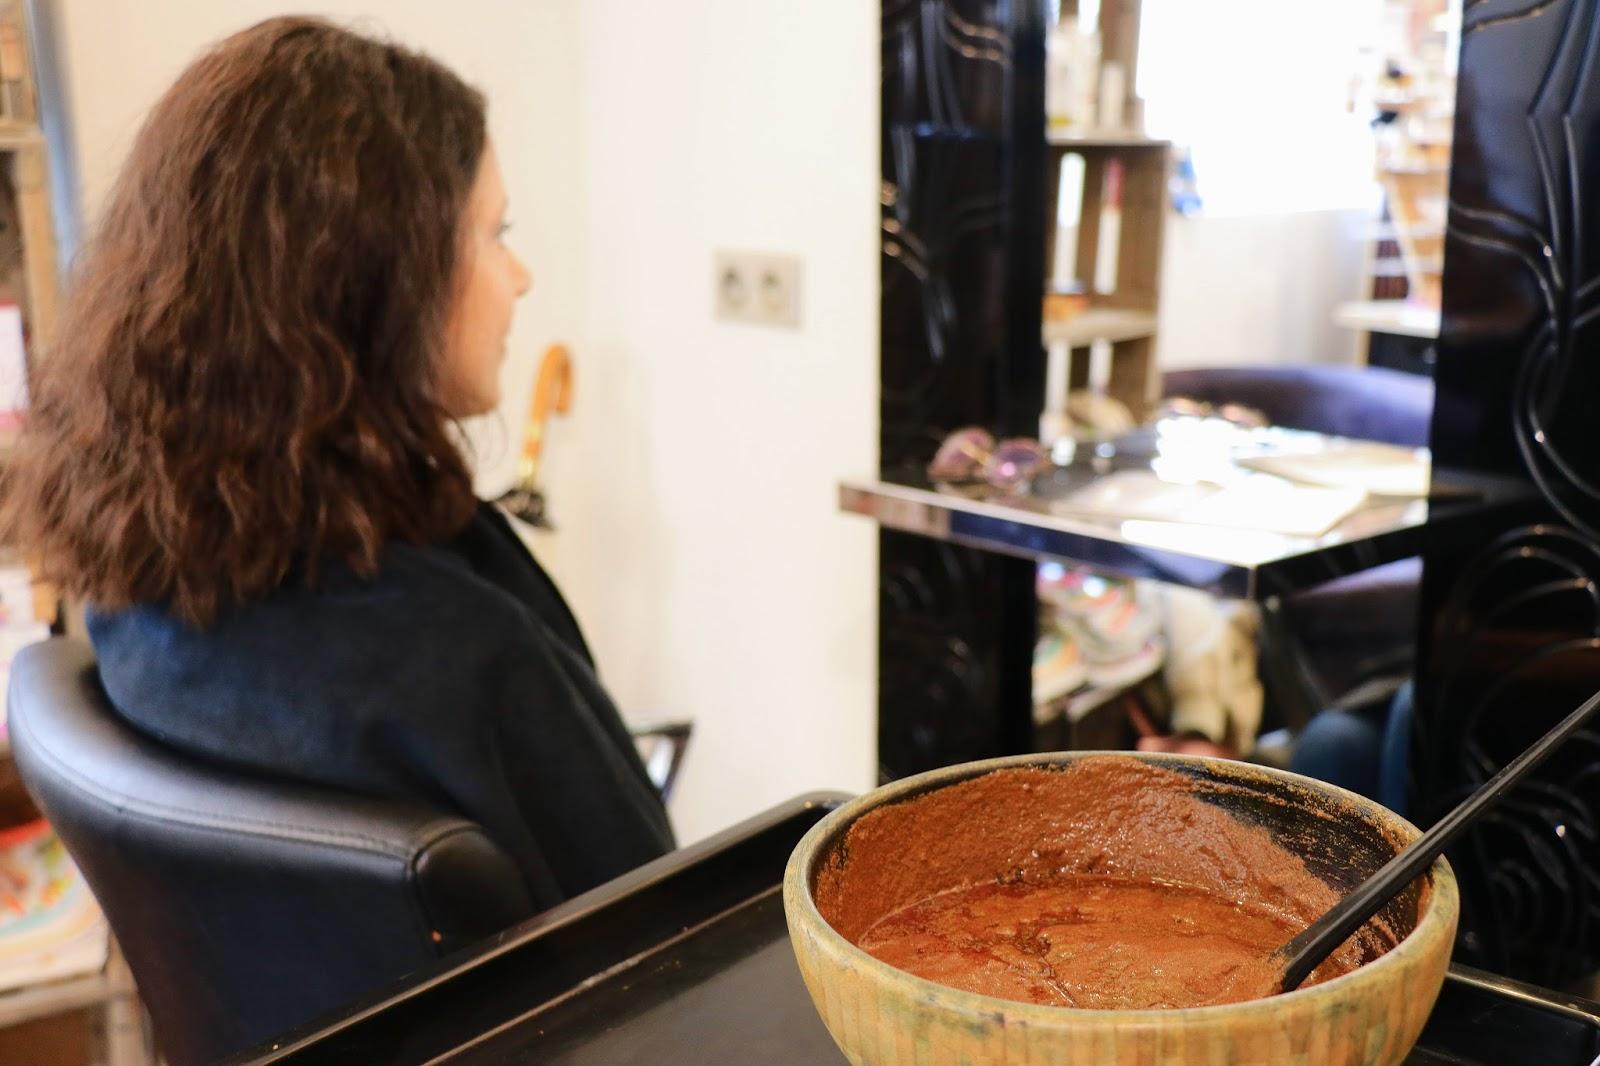 les gommettes de melo gommette beaute bio coloration végétale cheveux naturel plante sans agent chimique biologique coiffeur salon de coiffure rouge garance blond cuivre